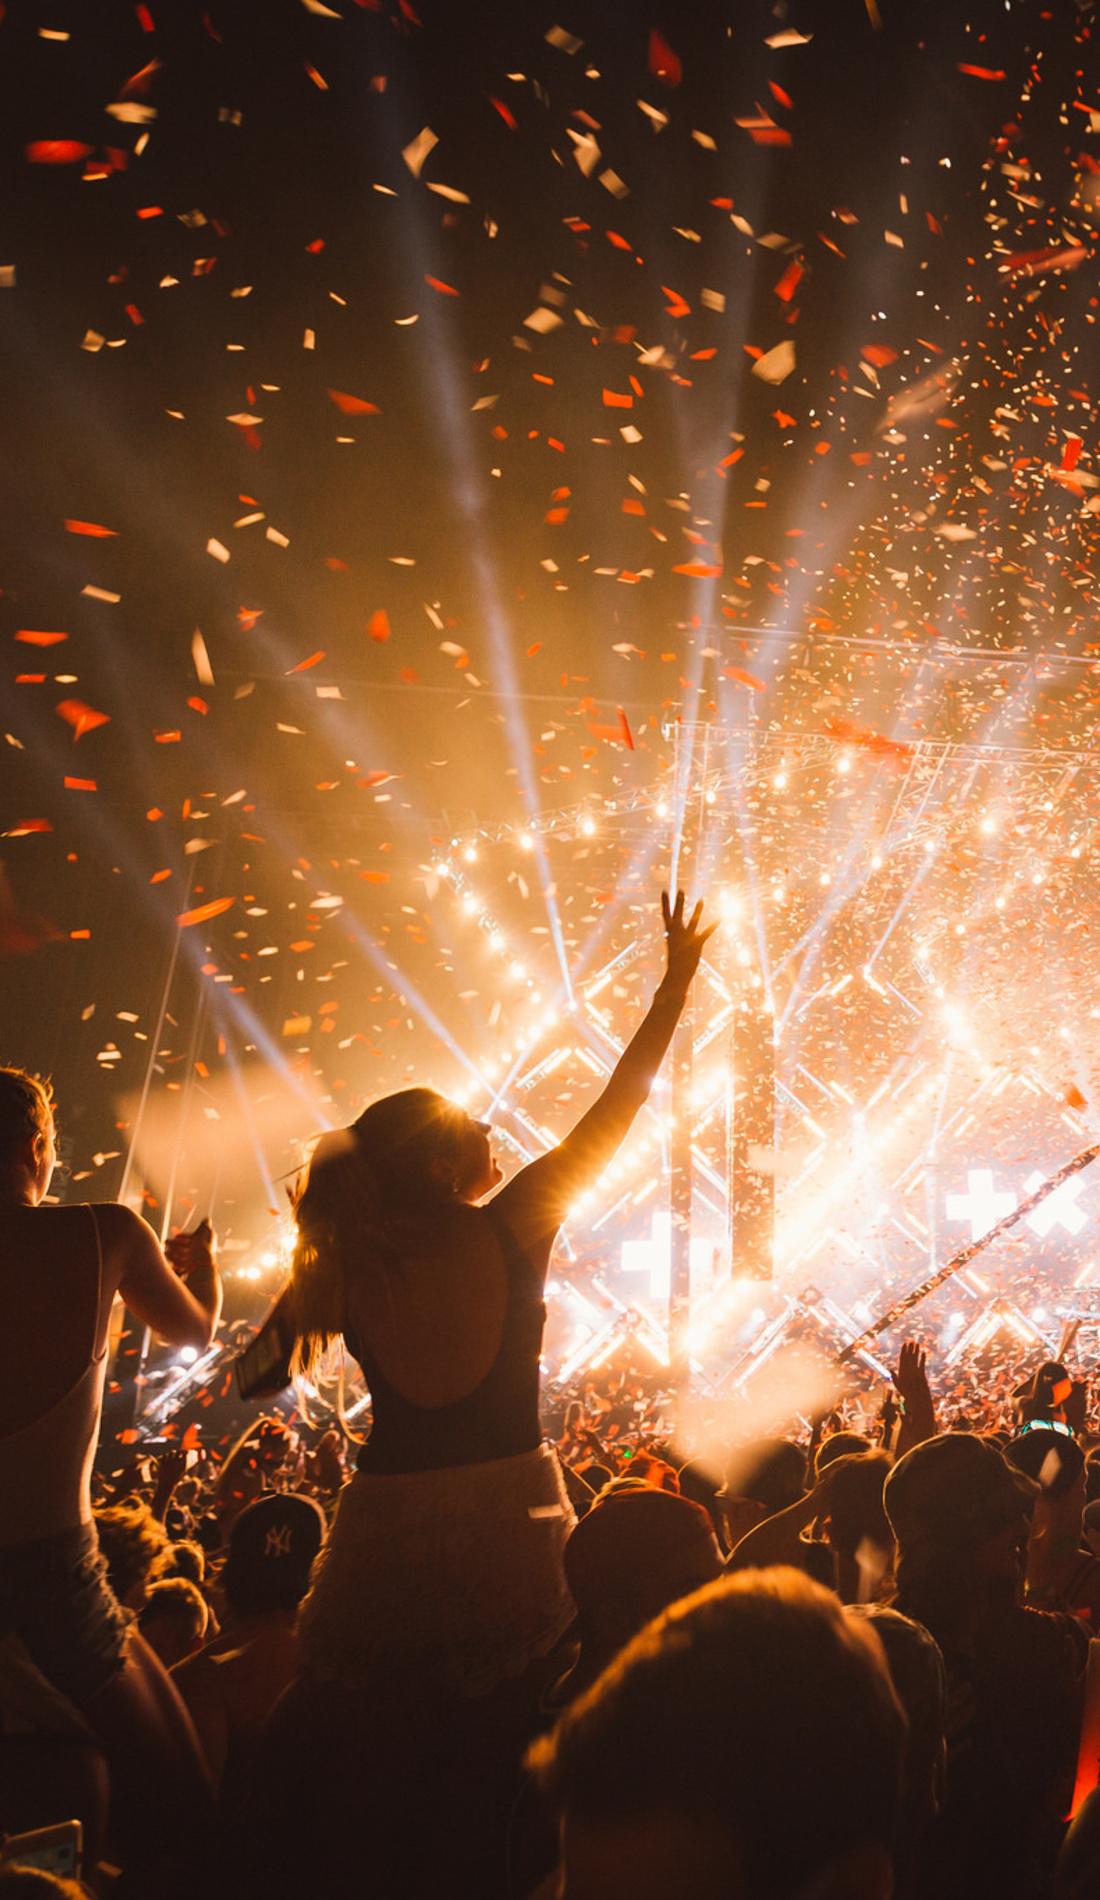 A Festivals live event